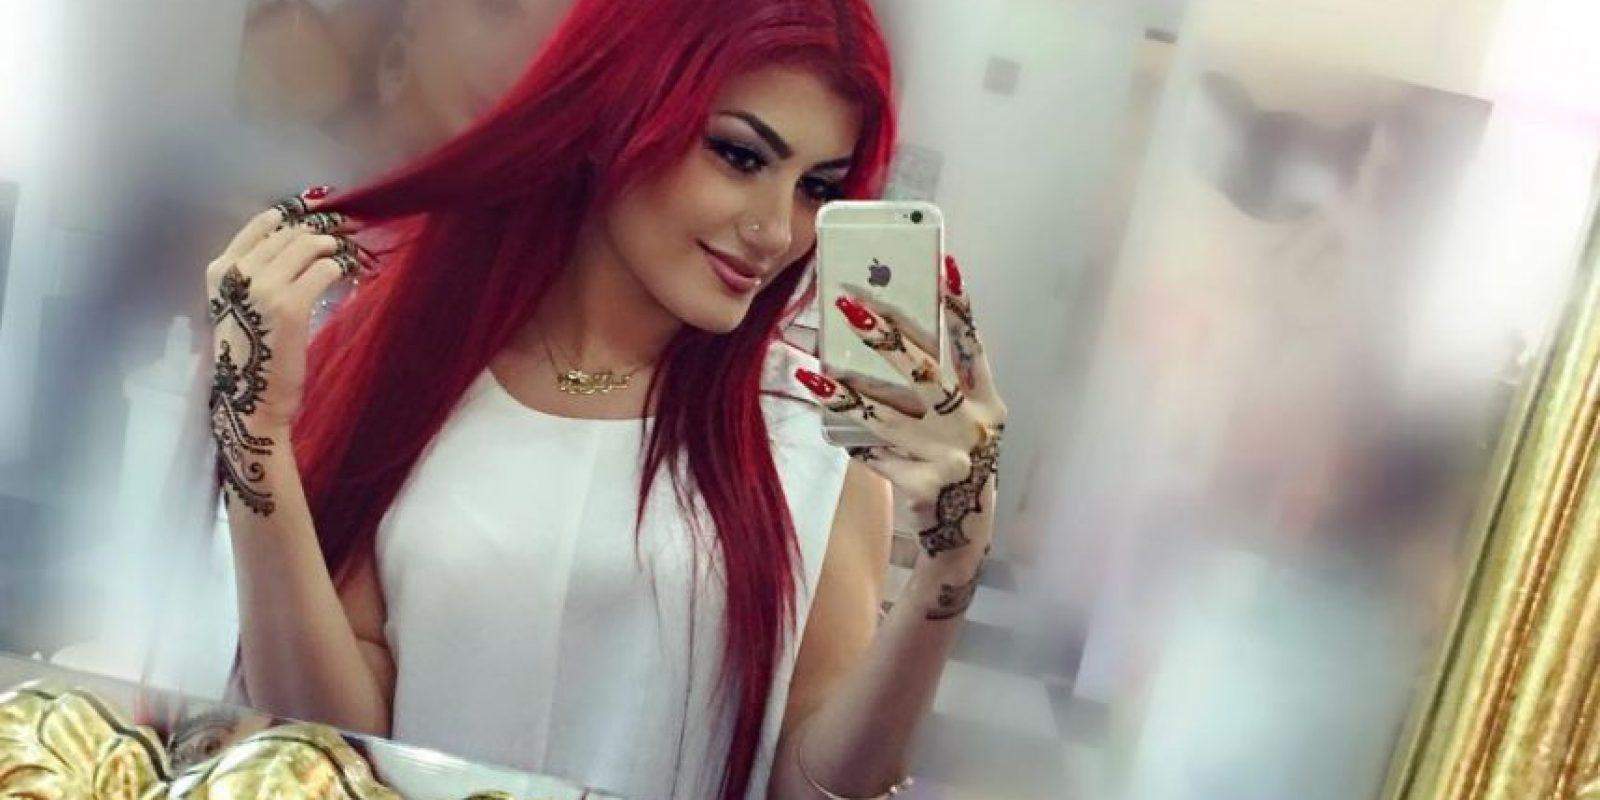 Helly recibe cientos de comentarios debido a su sensual estilo. Foto:Vía Instagram/@hellyluv